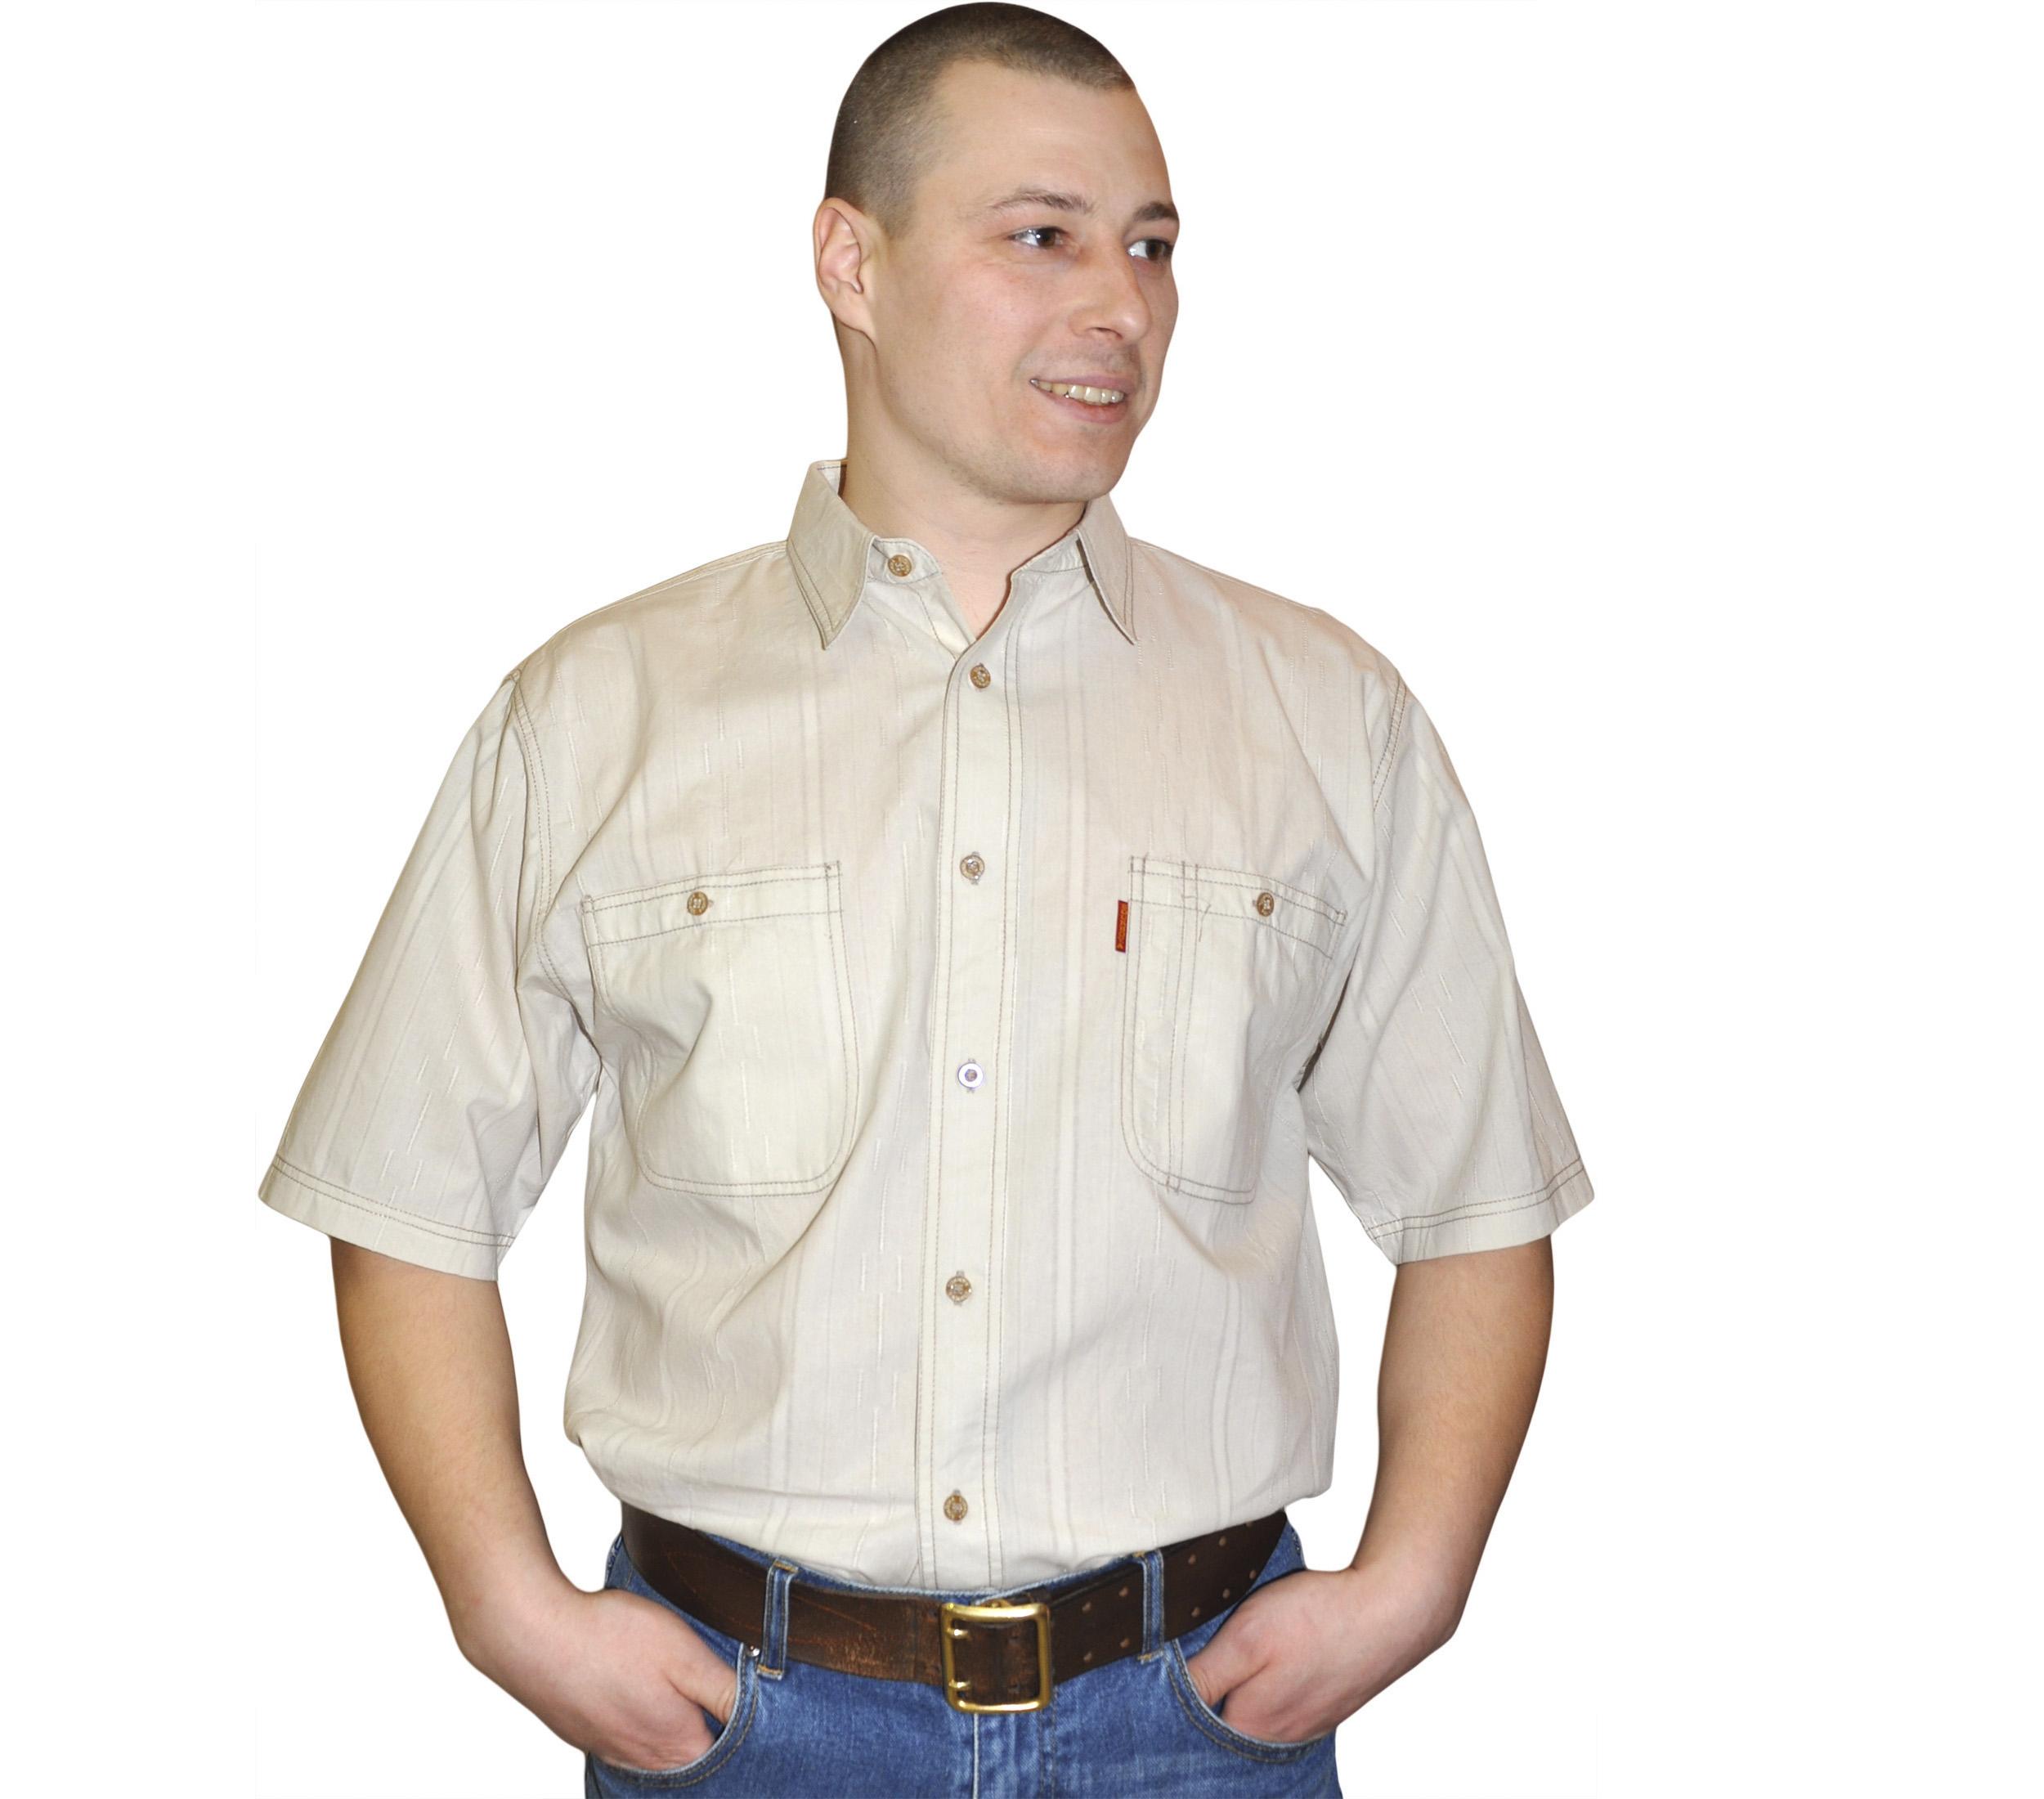 Рубашка мужская с коротким рукавом бежевого цвета с штрихами.